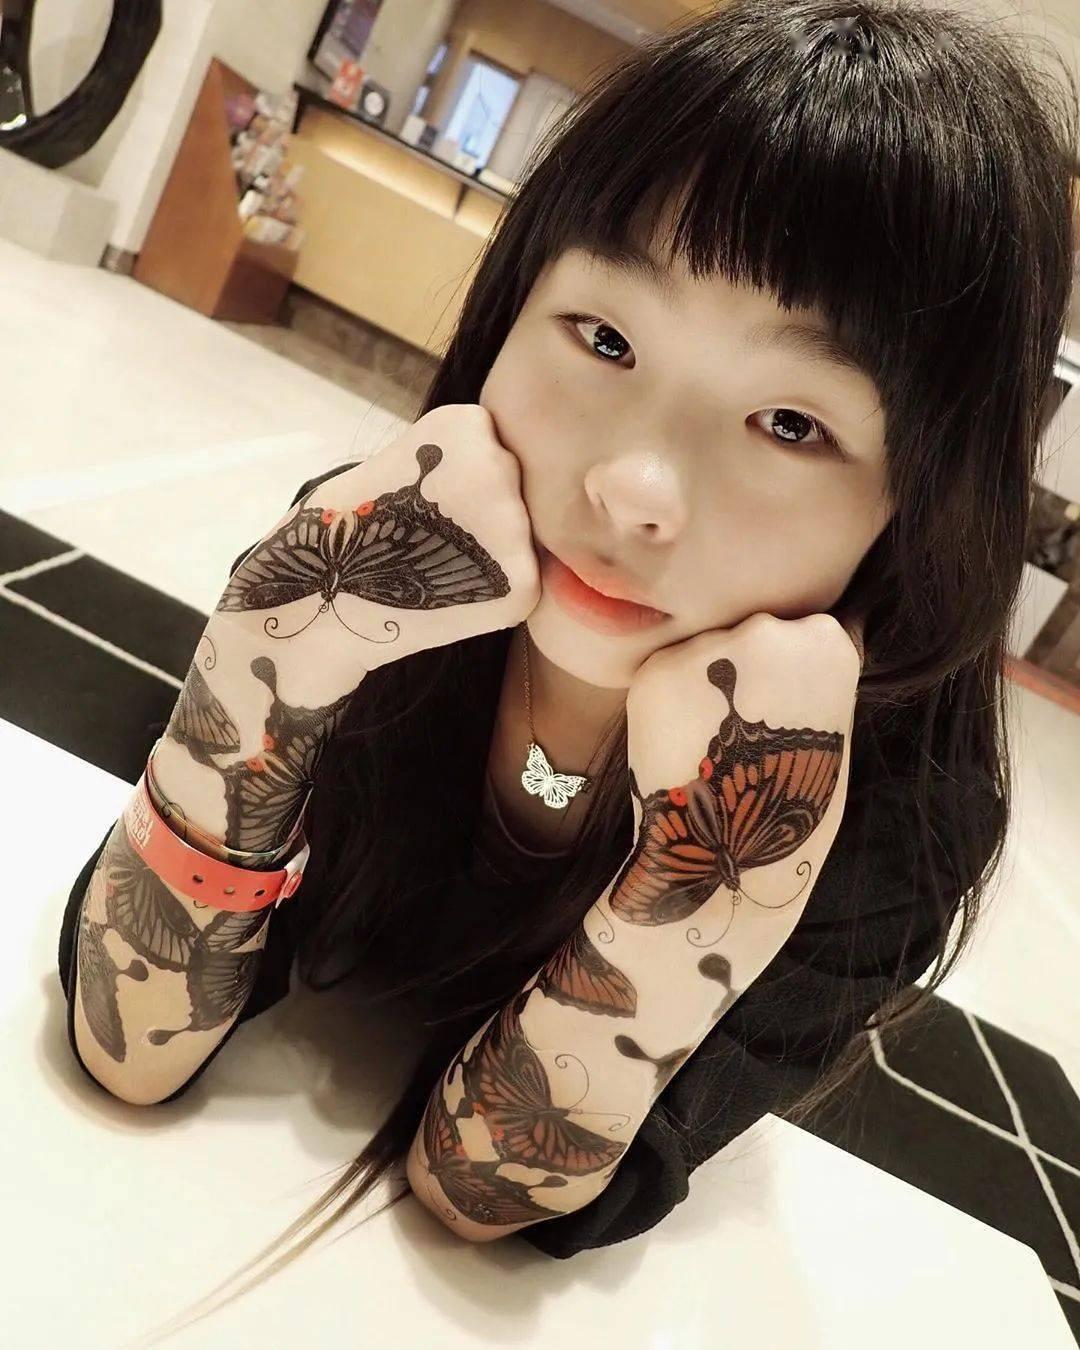 太酷了!日本女孩6岁入行,是全世界最小纹身师…看完我却只想拥有同款爸爸!插图(19)